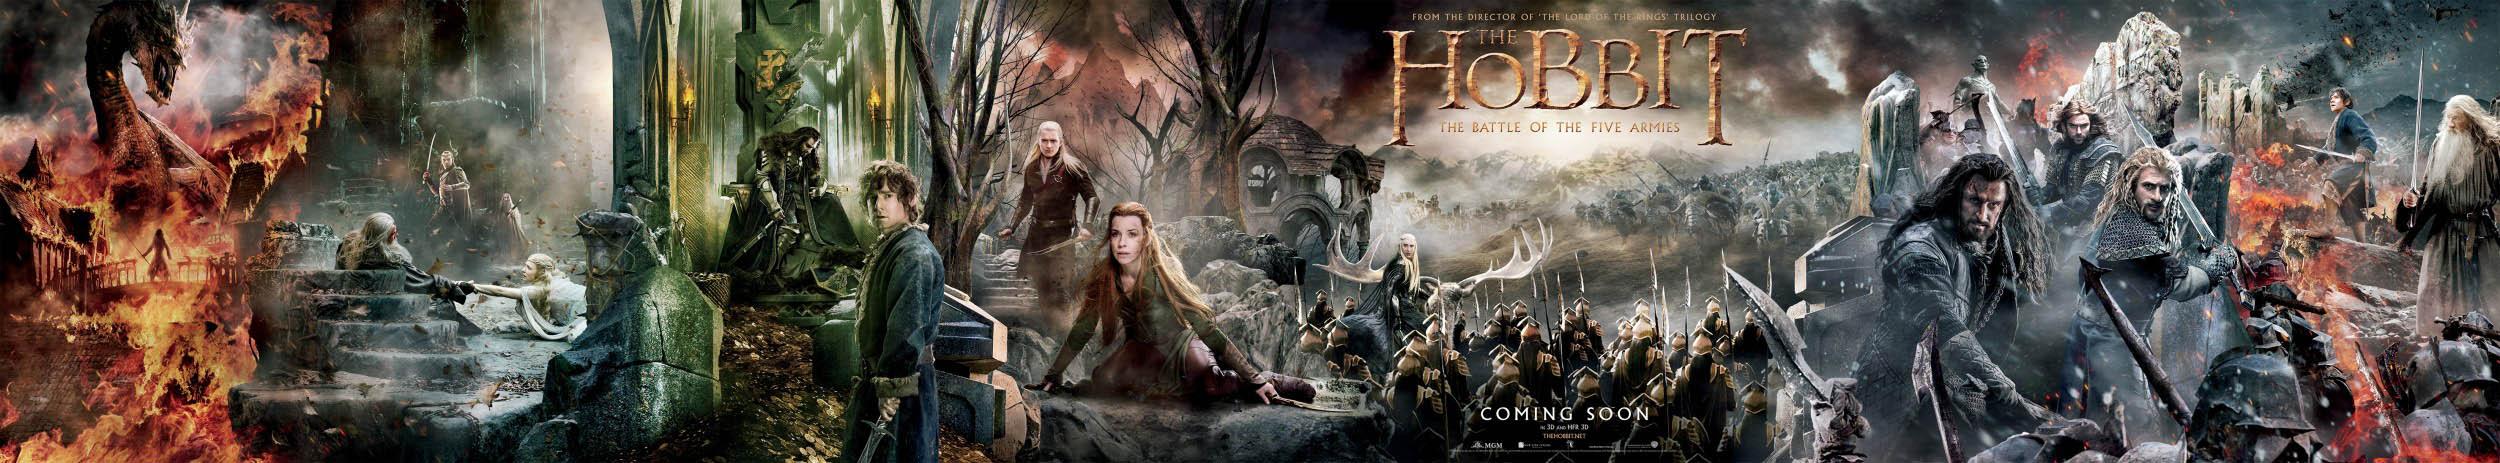 osszemosott-a-hobbit-az-ot-sereg-csataja-banner.jpg